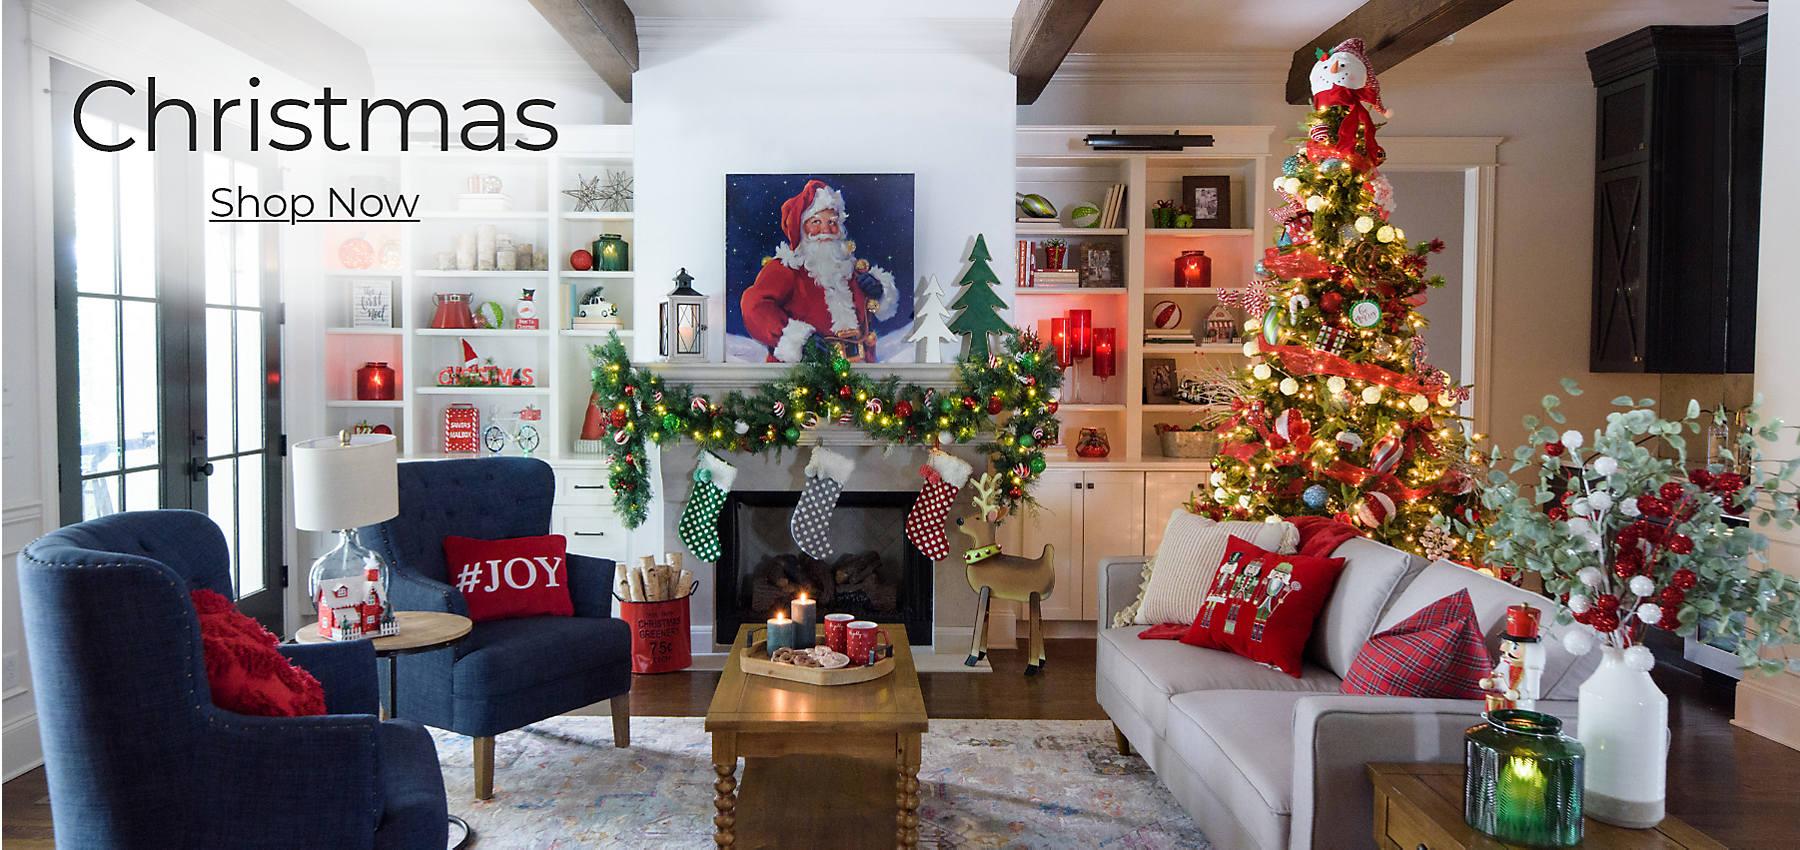 Christmas Shop Now